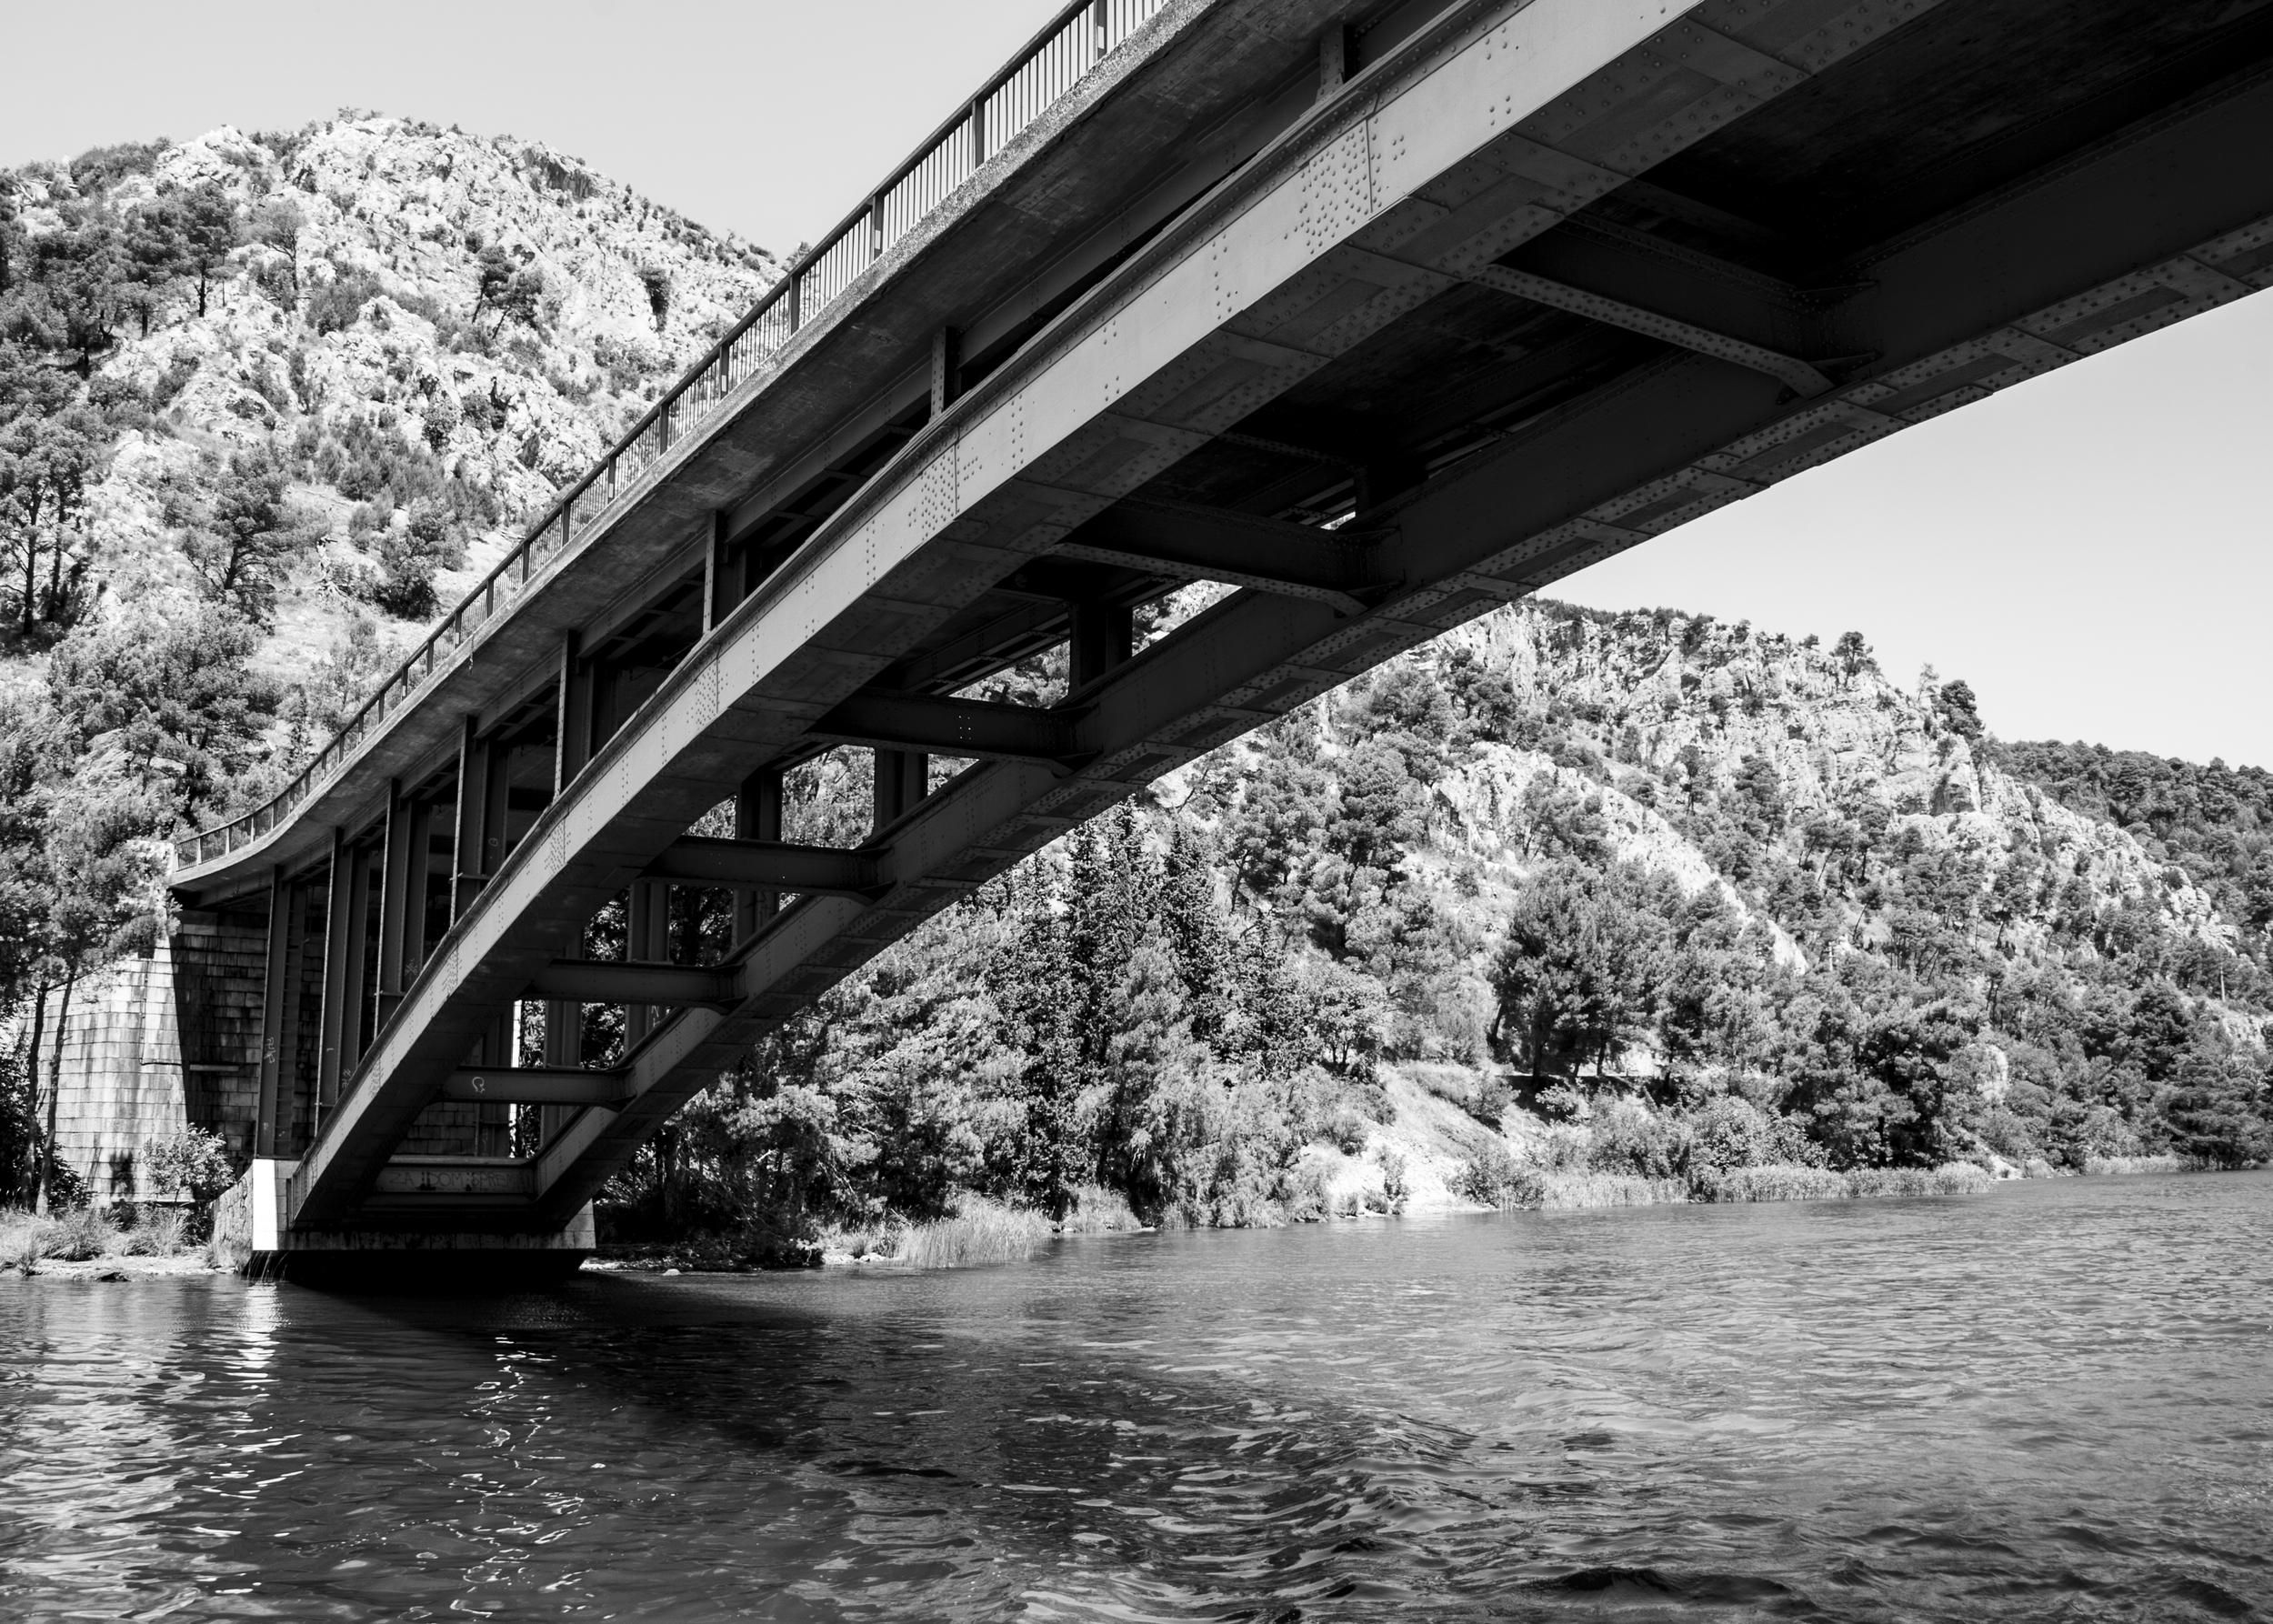 Brücke_Krik.jpg